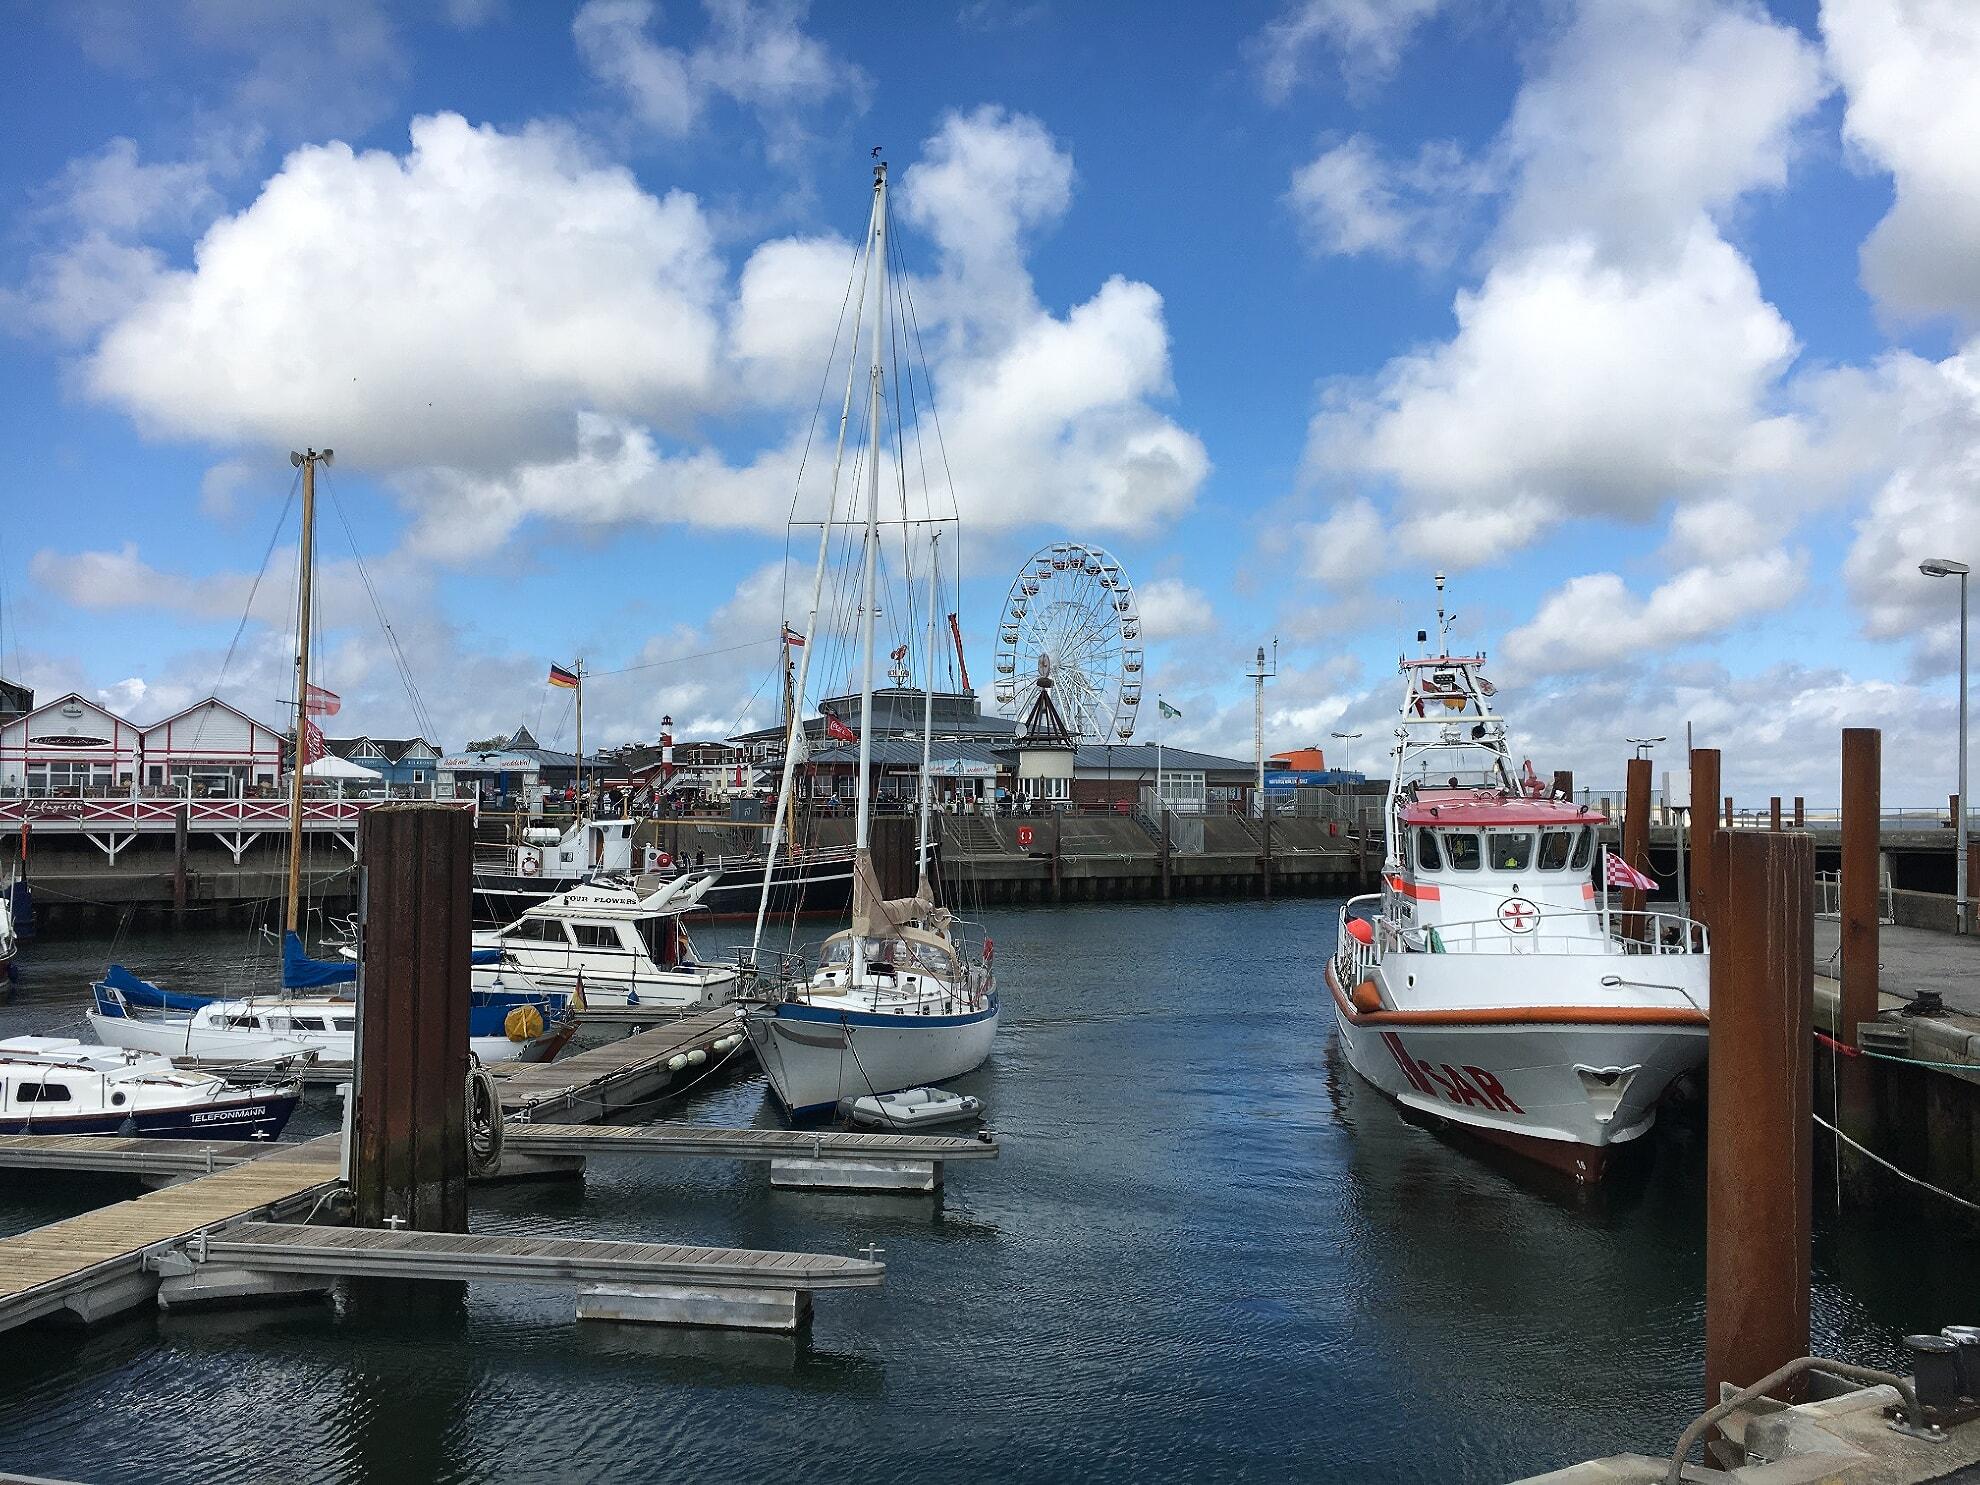 Lister Hafen mit Riesenrad